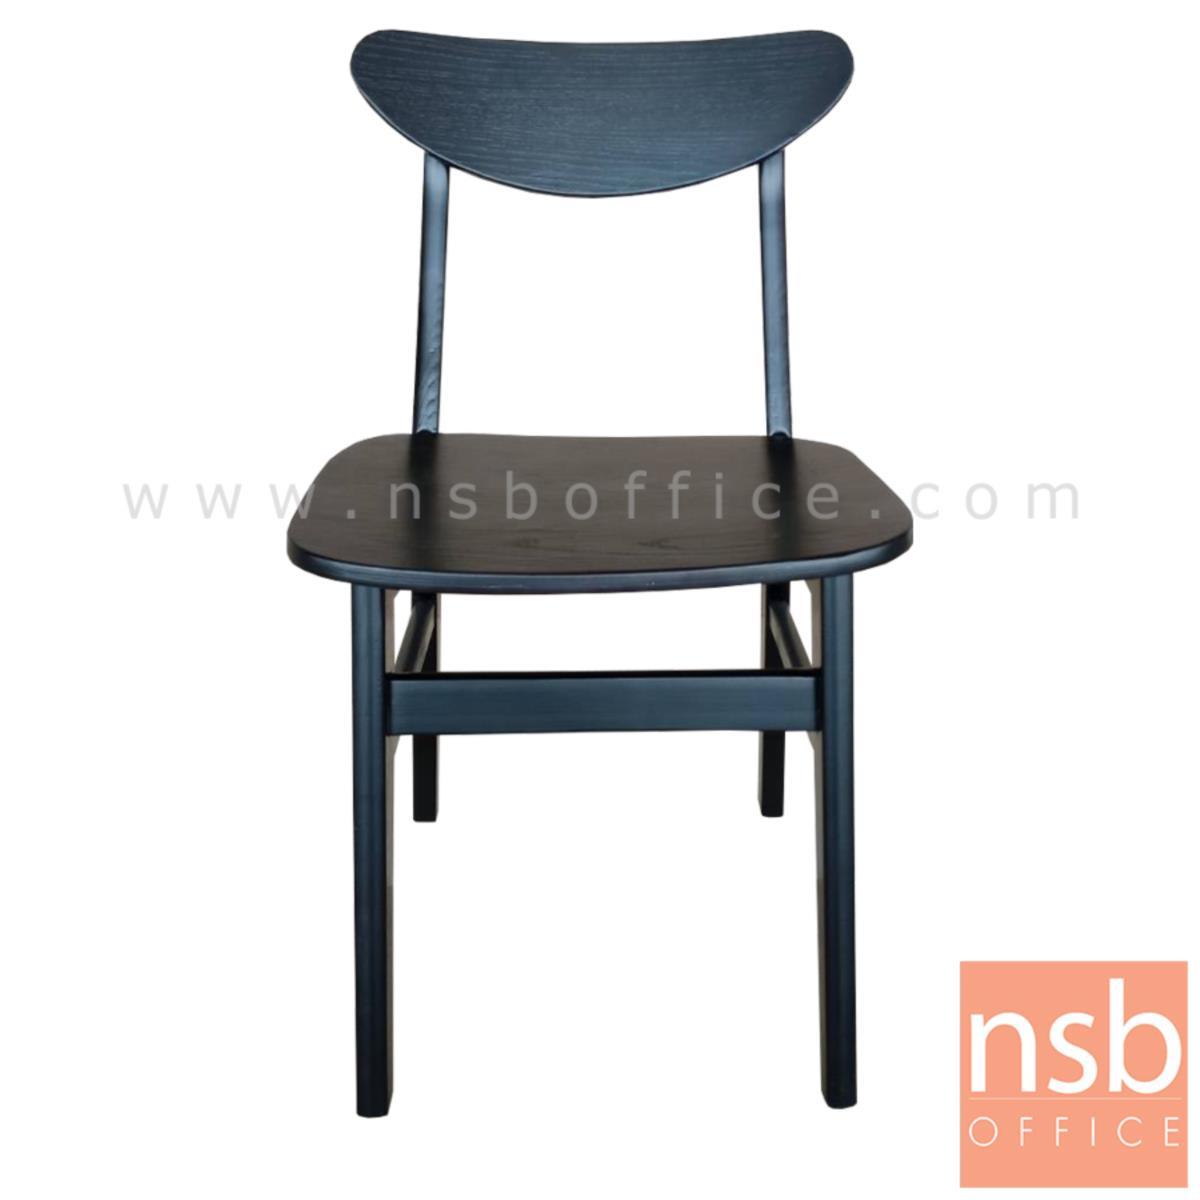 เก้าอี้โมเดิร์นไม้ รุ่น Goodrem (กูดเดร็ม) ขนาด 44W cm. โครงไม้ล้วน สีดำ